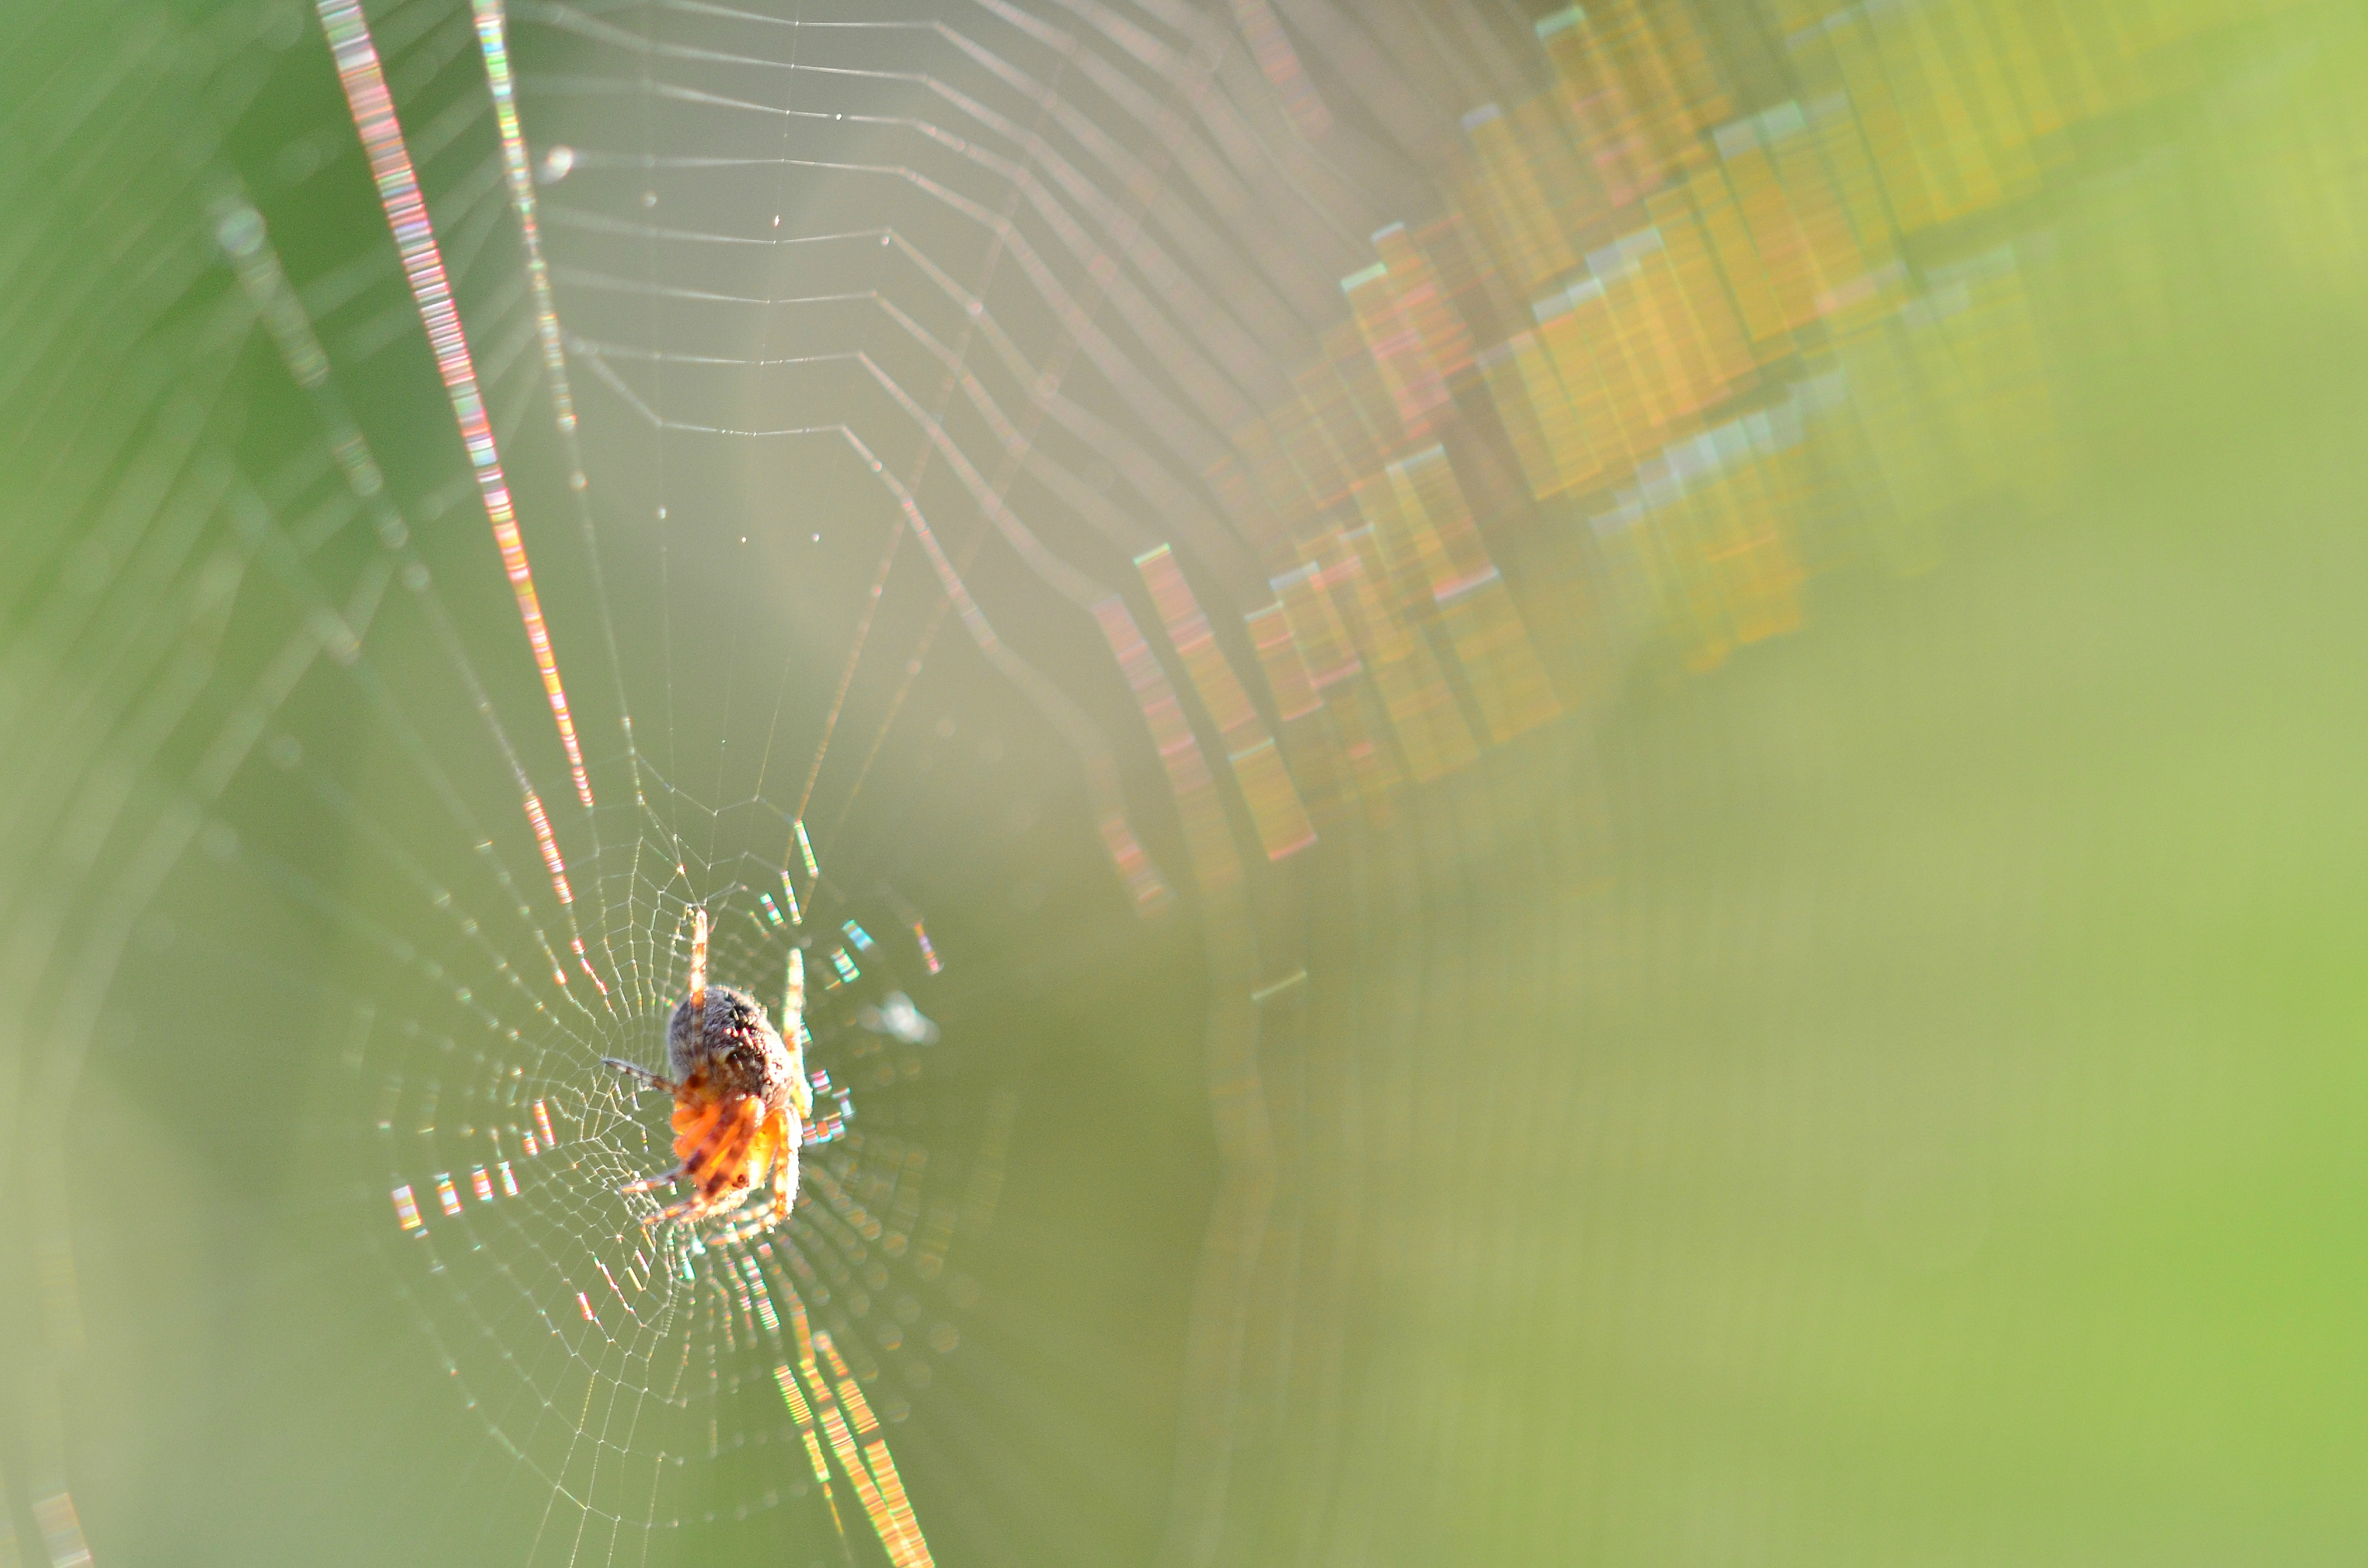 O0064 Spinnennetz